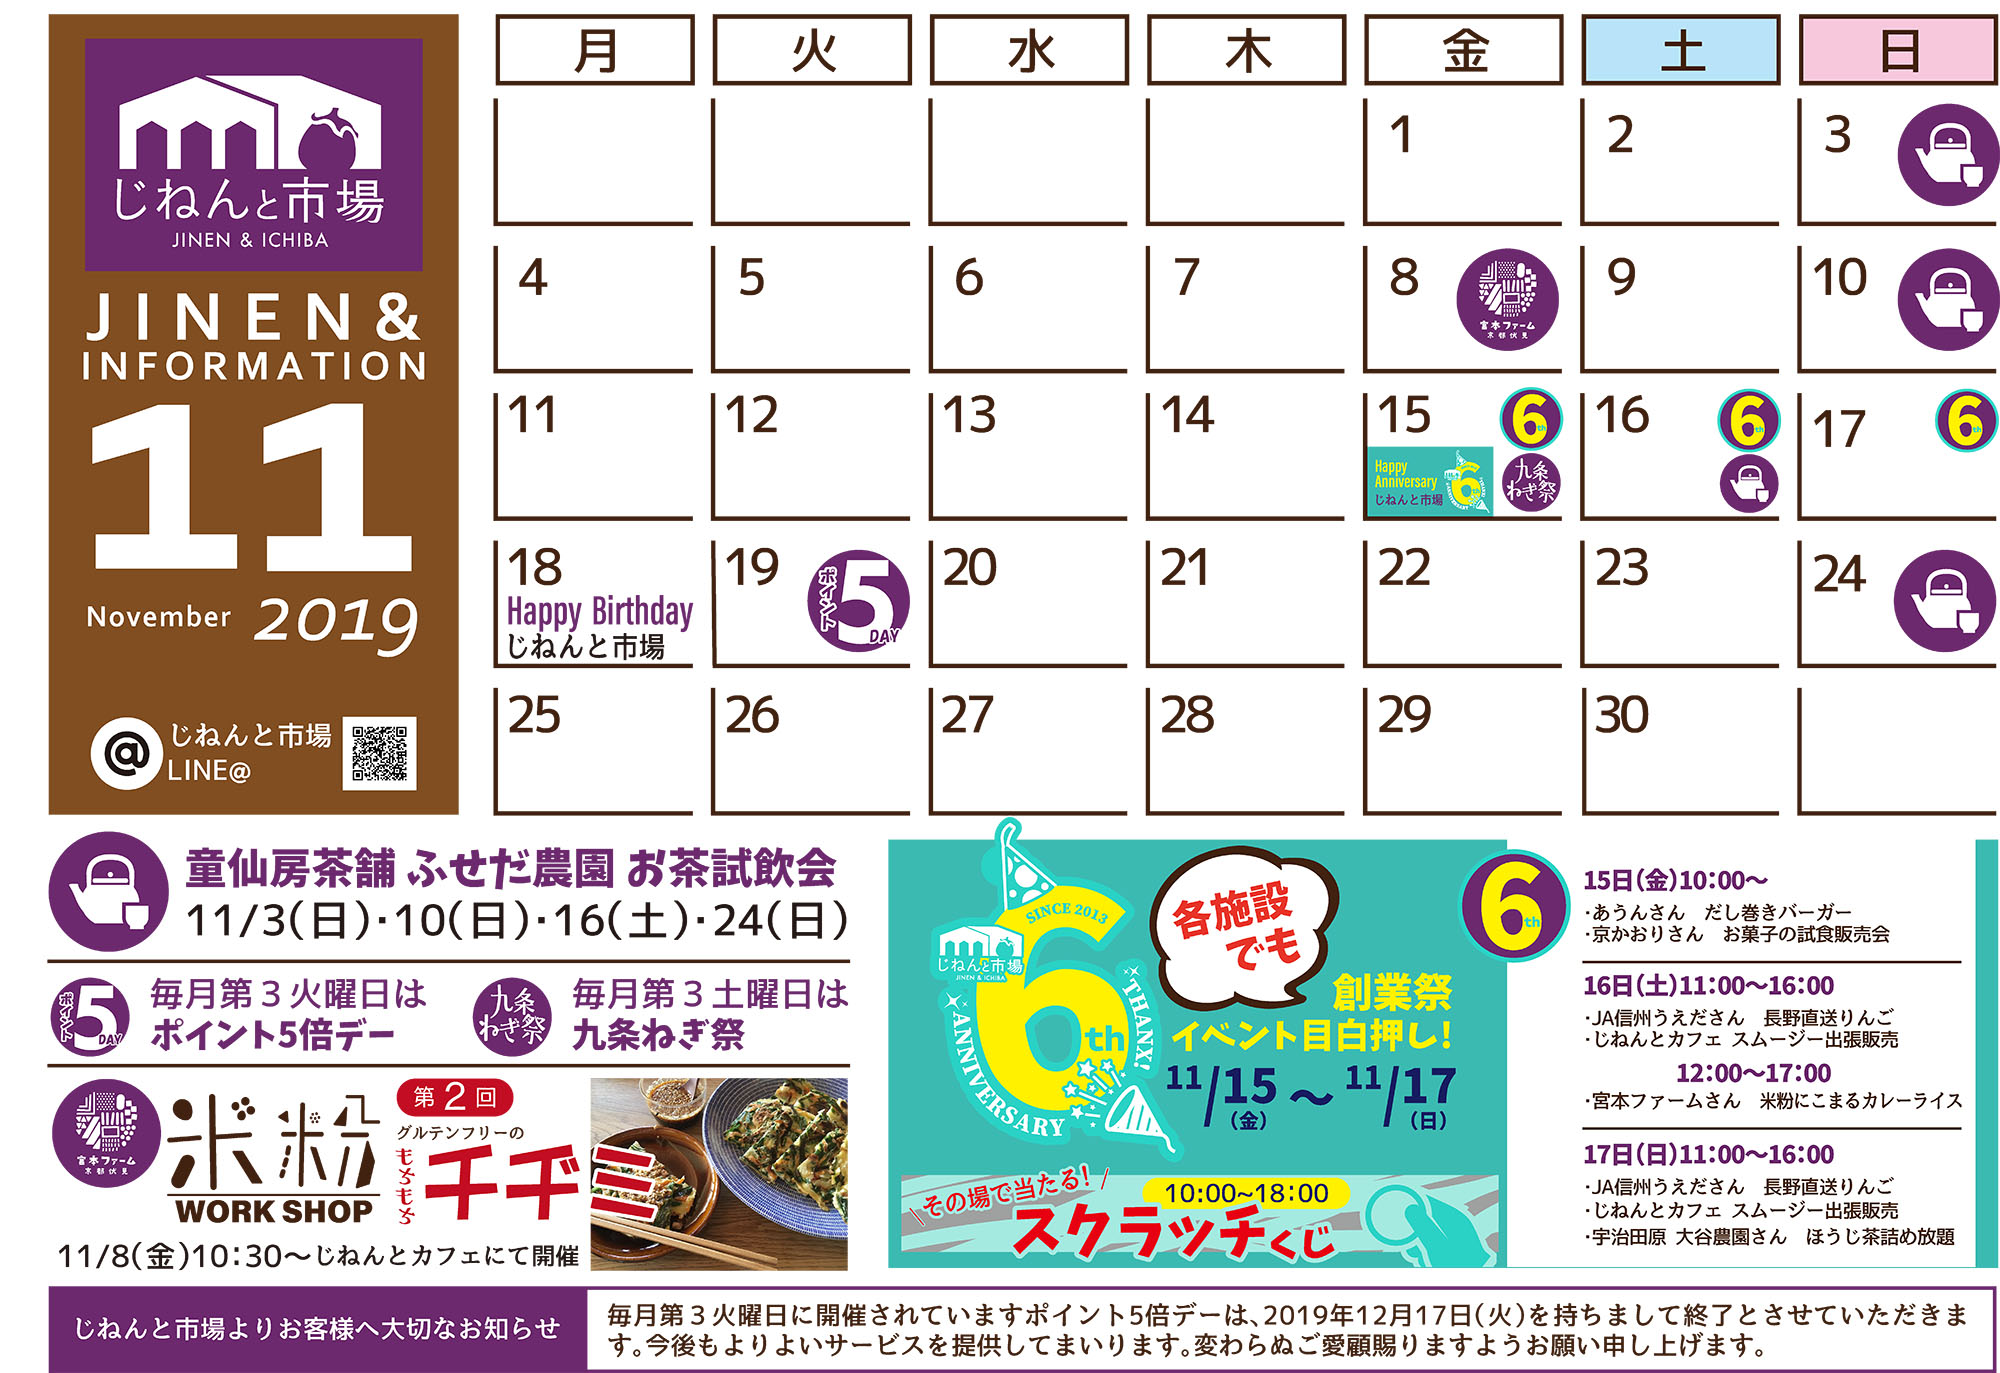 2019年11月イベントカレンダー